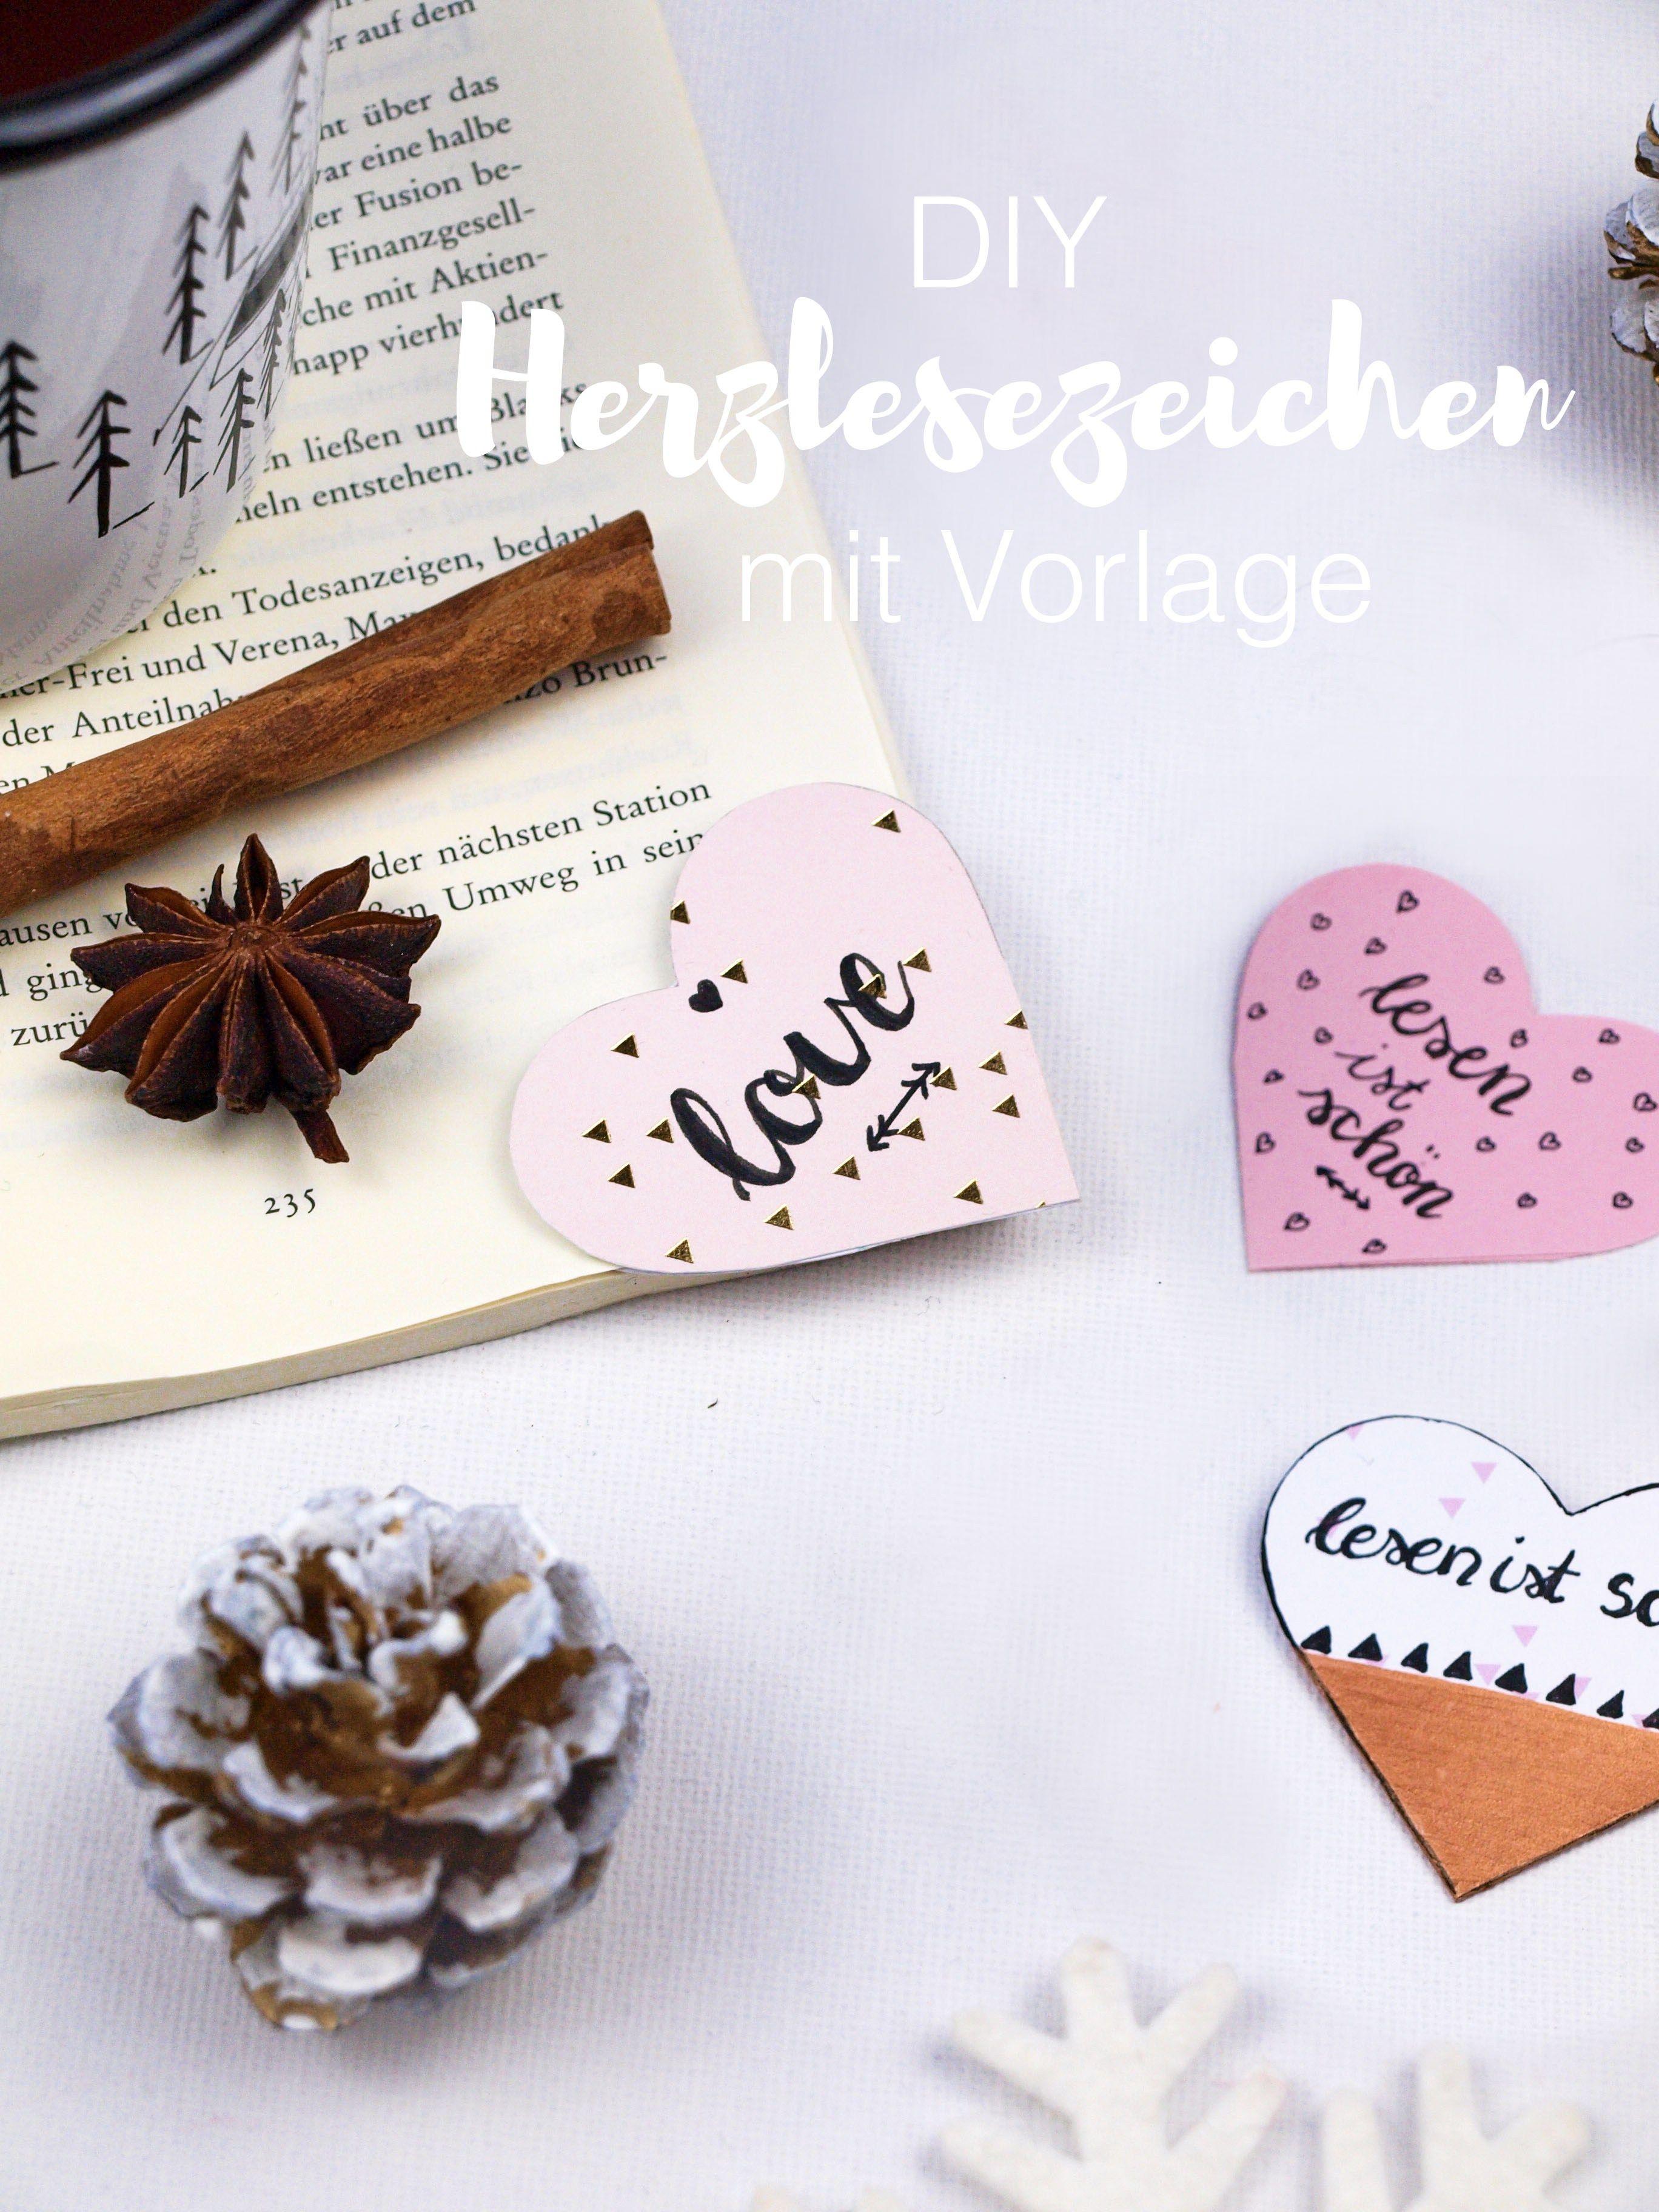 diy geschenkidee: herzlesezeichen aus papier selber machen